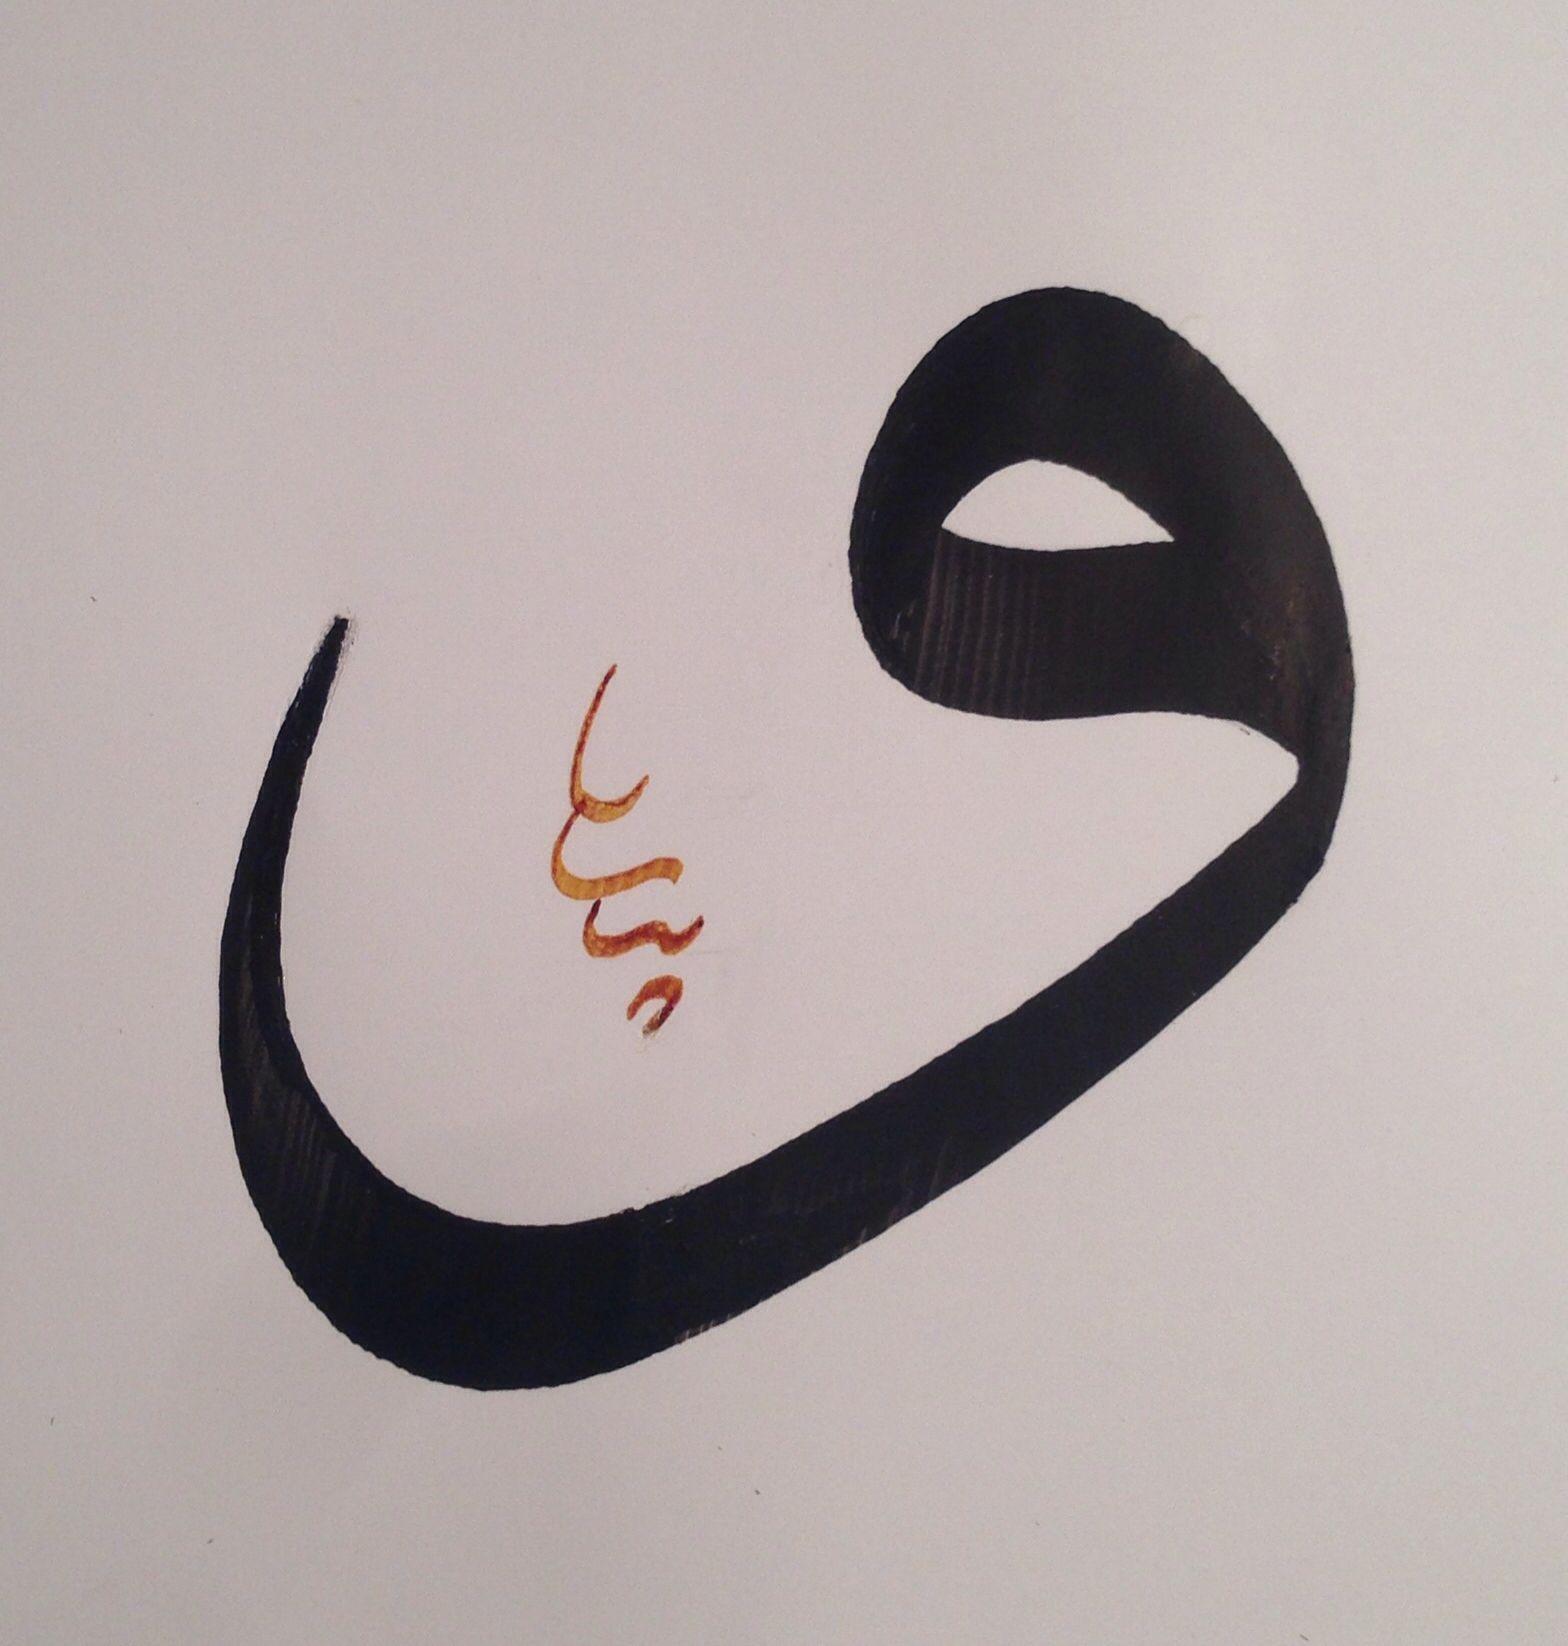 حرف الواو بخط الثلث إحدى مخطوطاتي Islamic Art Islamic Calligraphy Arabic Tattoo